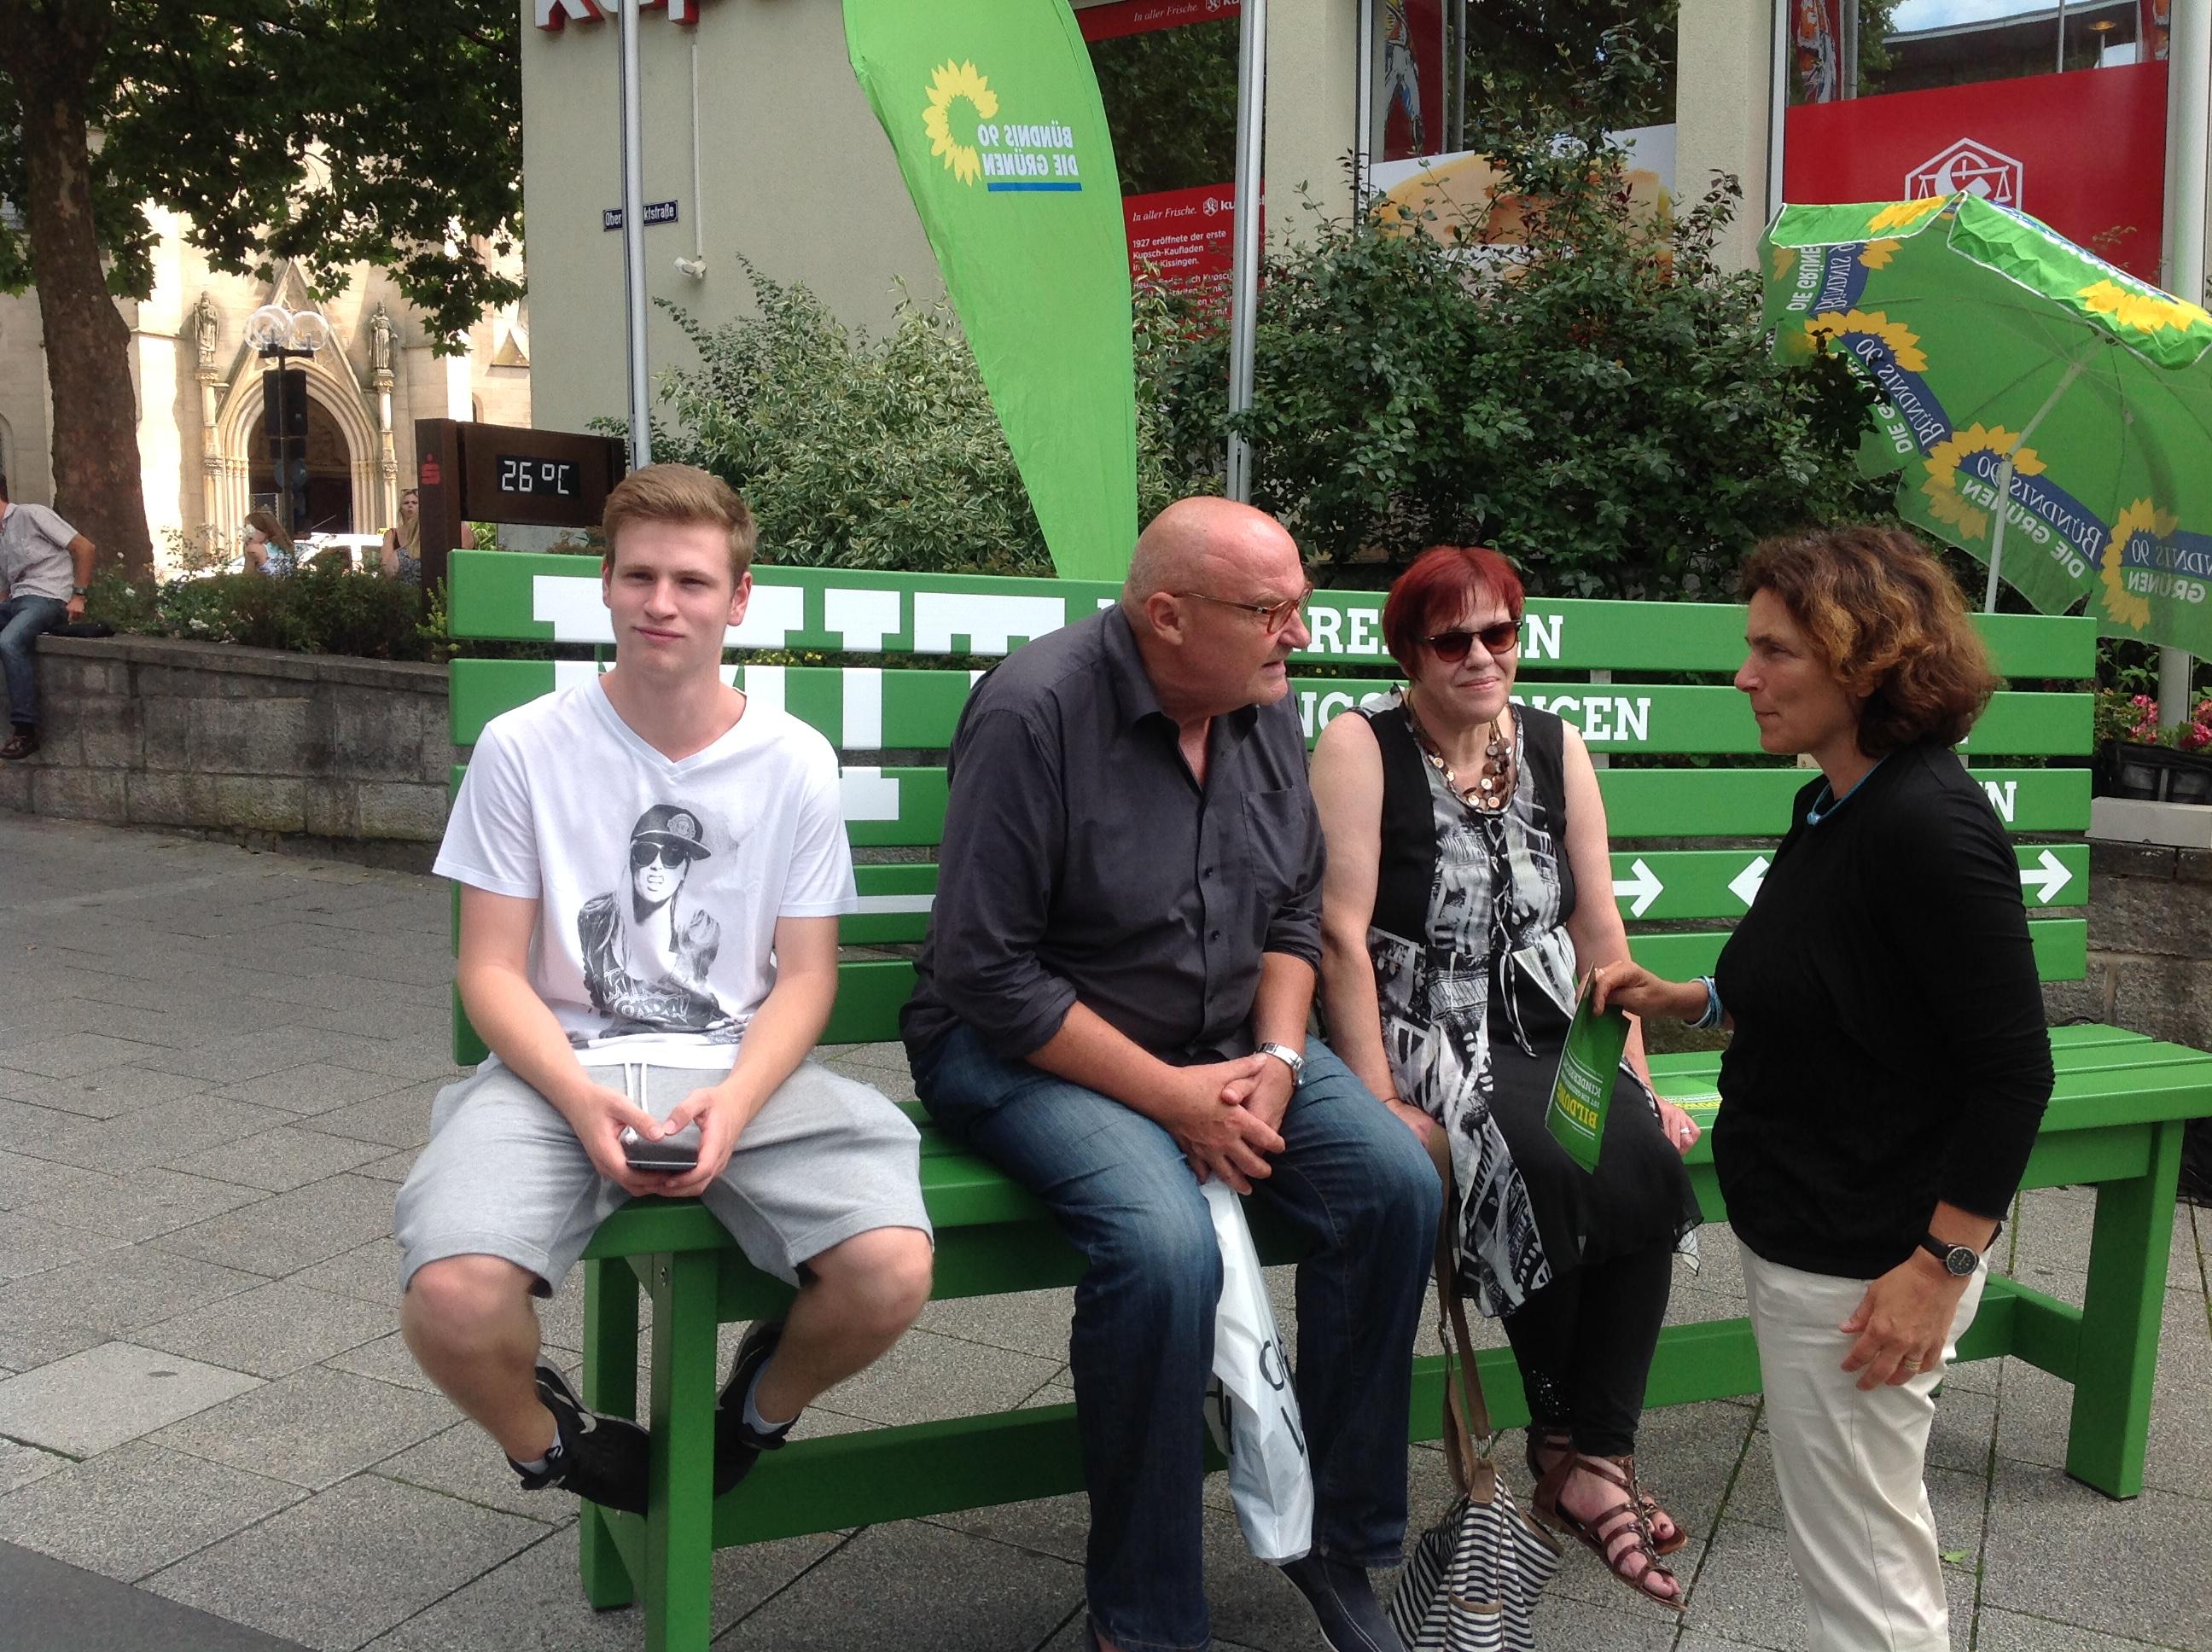 Landtagsabgeordnete Kerstin Celina (stehend) spricht mit Bürgern über die Bildungspolitik in Bayern